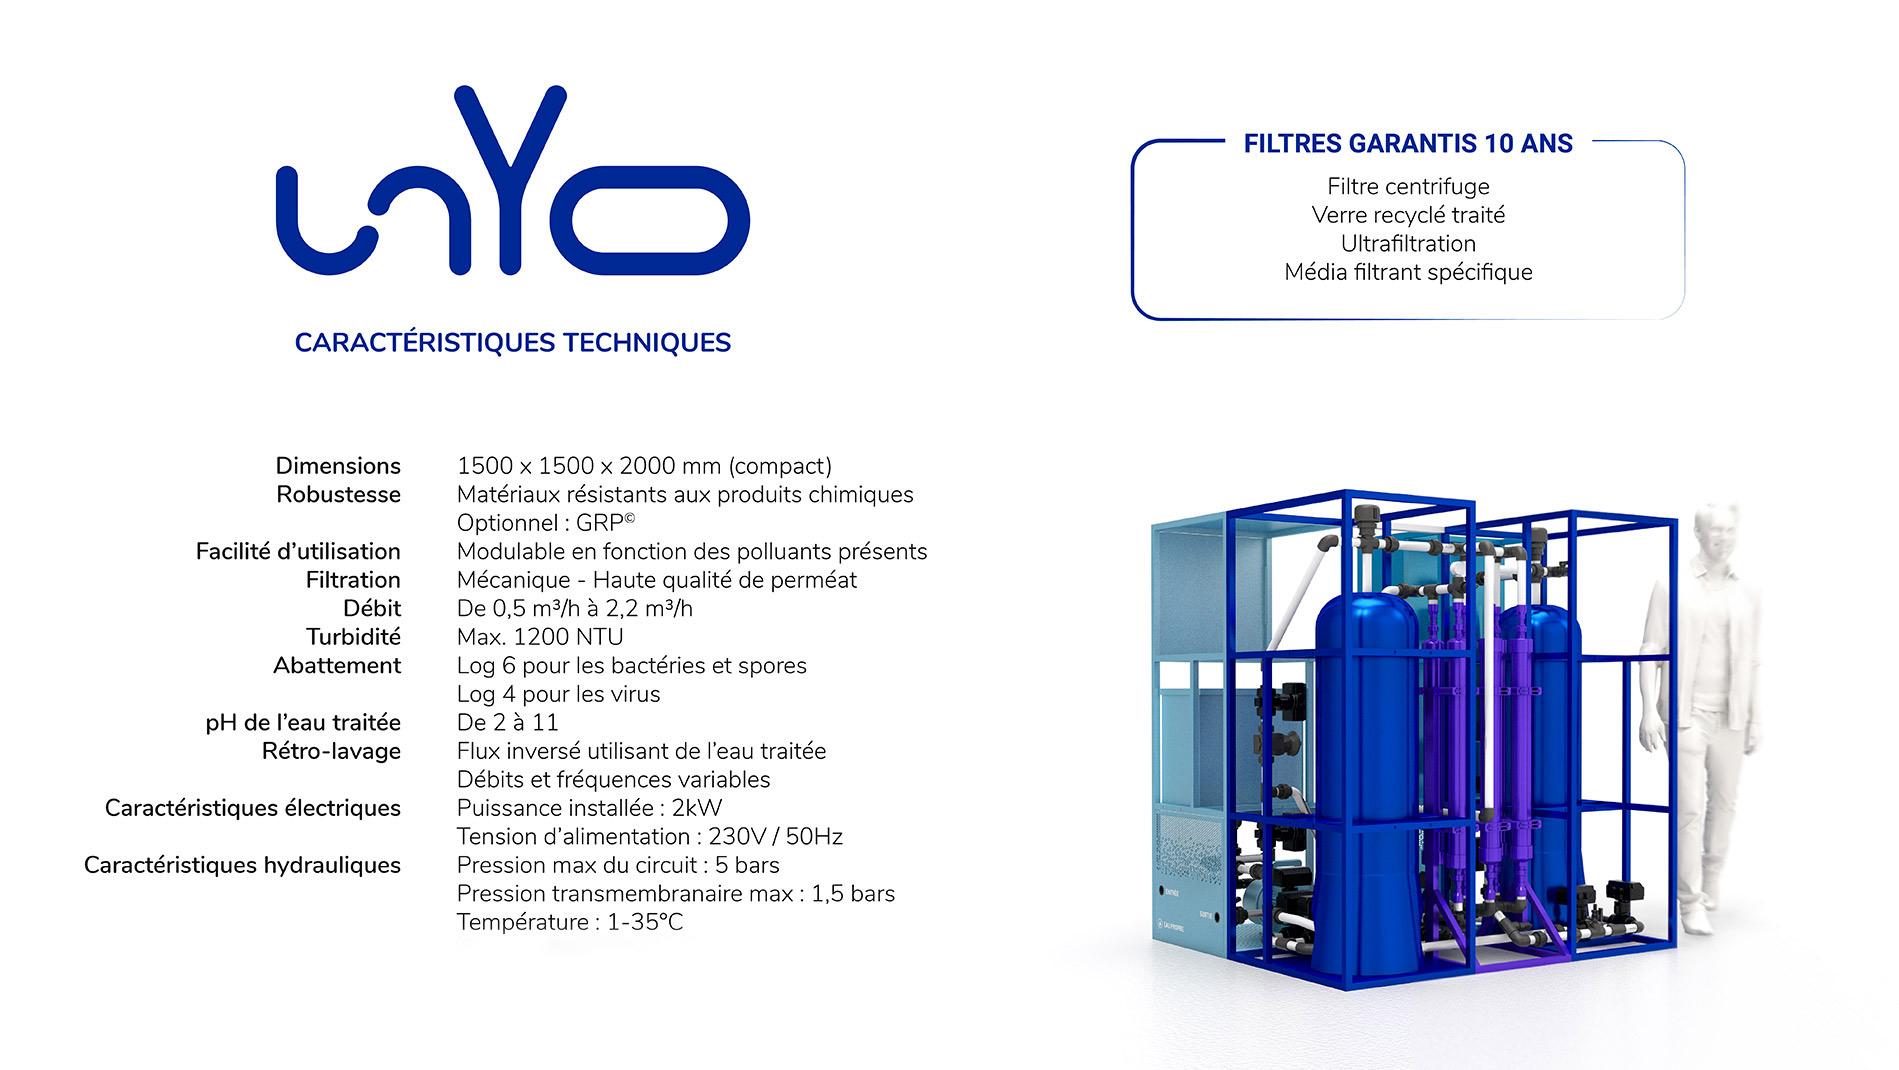 unYo- garanti 10 ans - filtration eau douce - potabilisation - préservation ressource eau - innovation